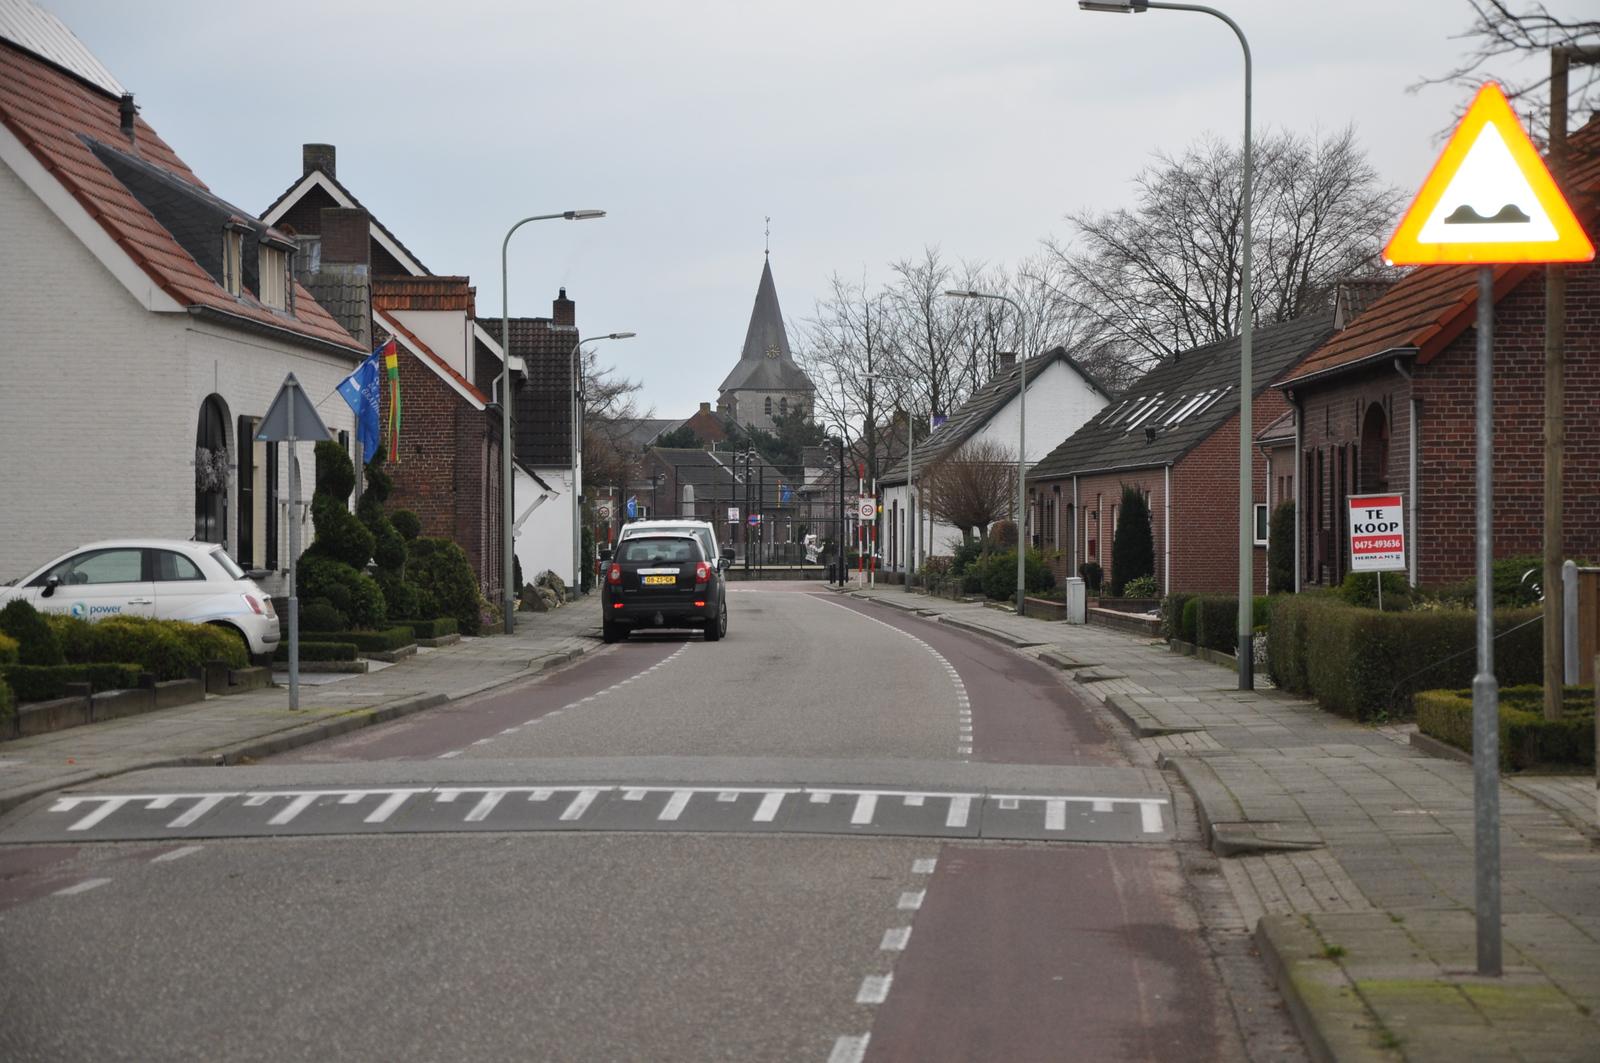 Verhoging over de volledige breedte van het wegdek, evidentste voorbeeld is een verkeersdrempel